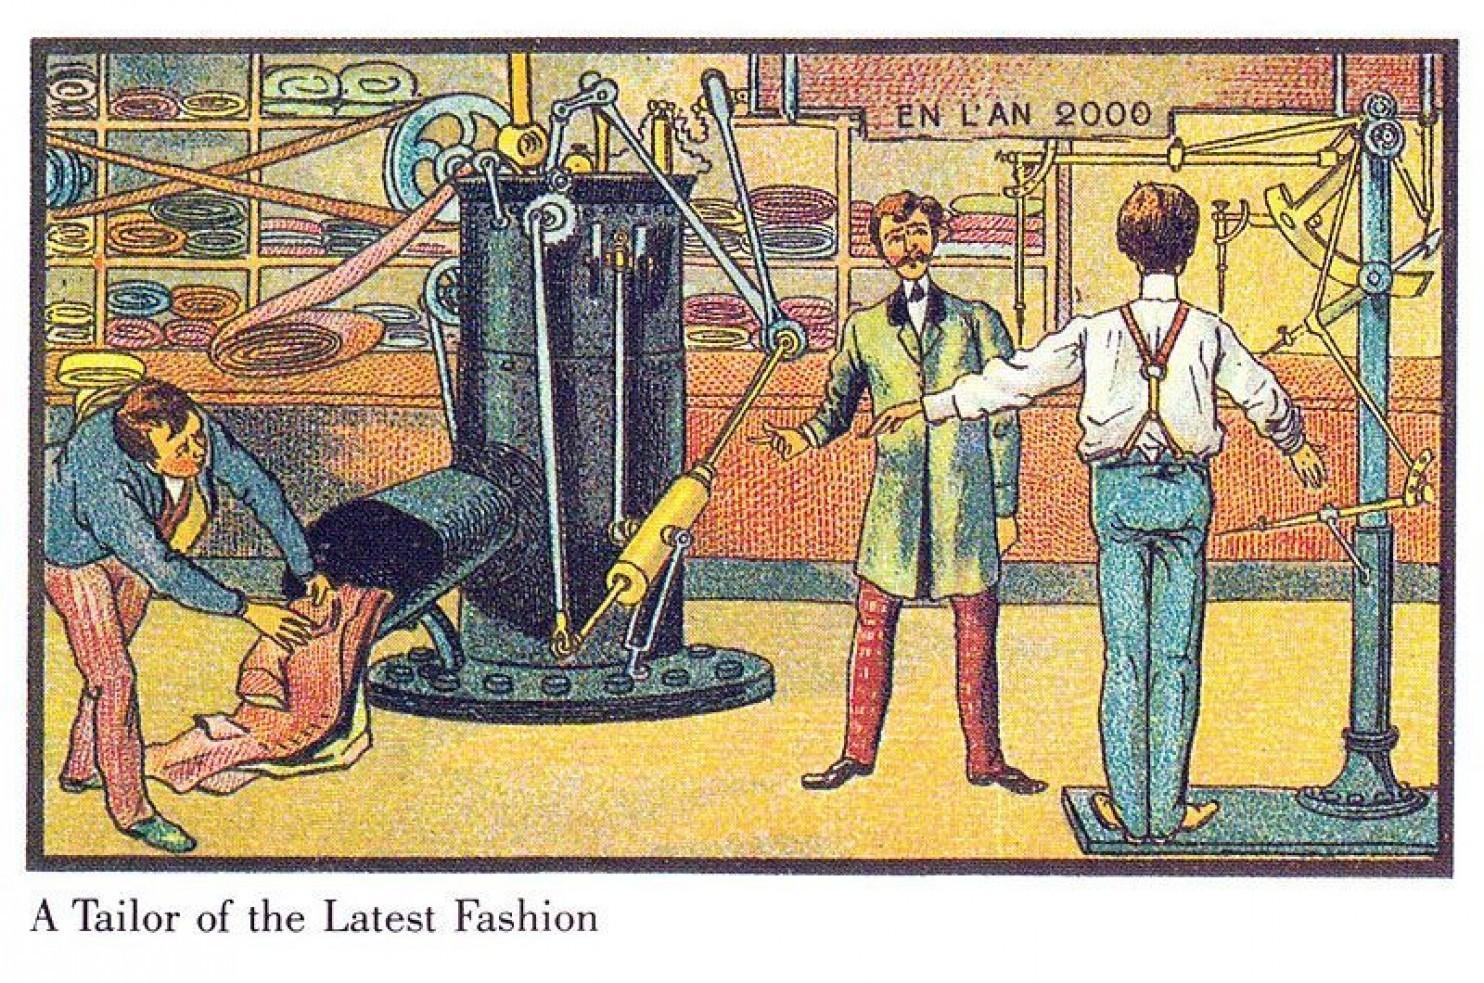 como imaginaban el futuro en 1900 ilustraciones 7